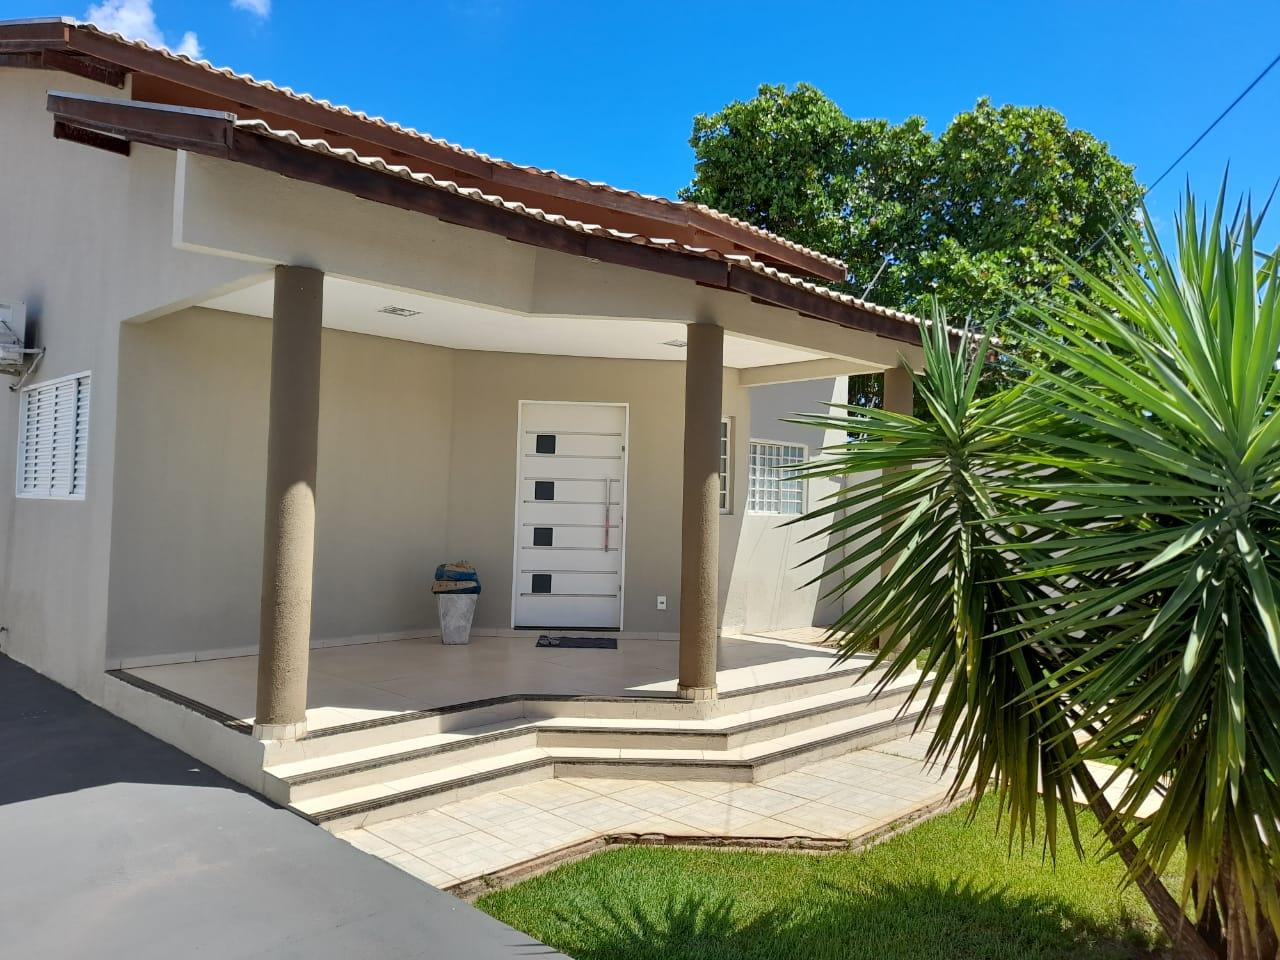 Casa à venda,  com 3 quartos sendo 1 suite no Real Parque em Cuiabá MT 101 12641